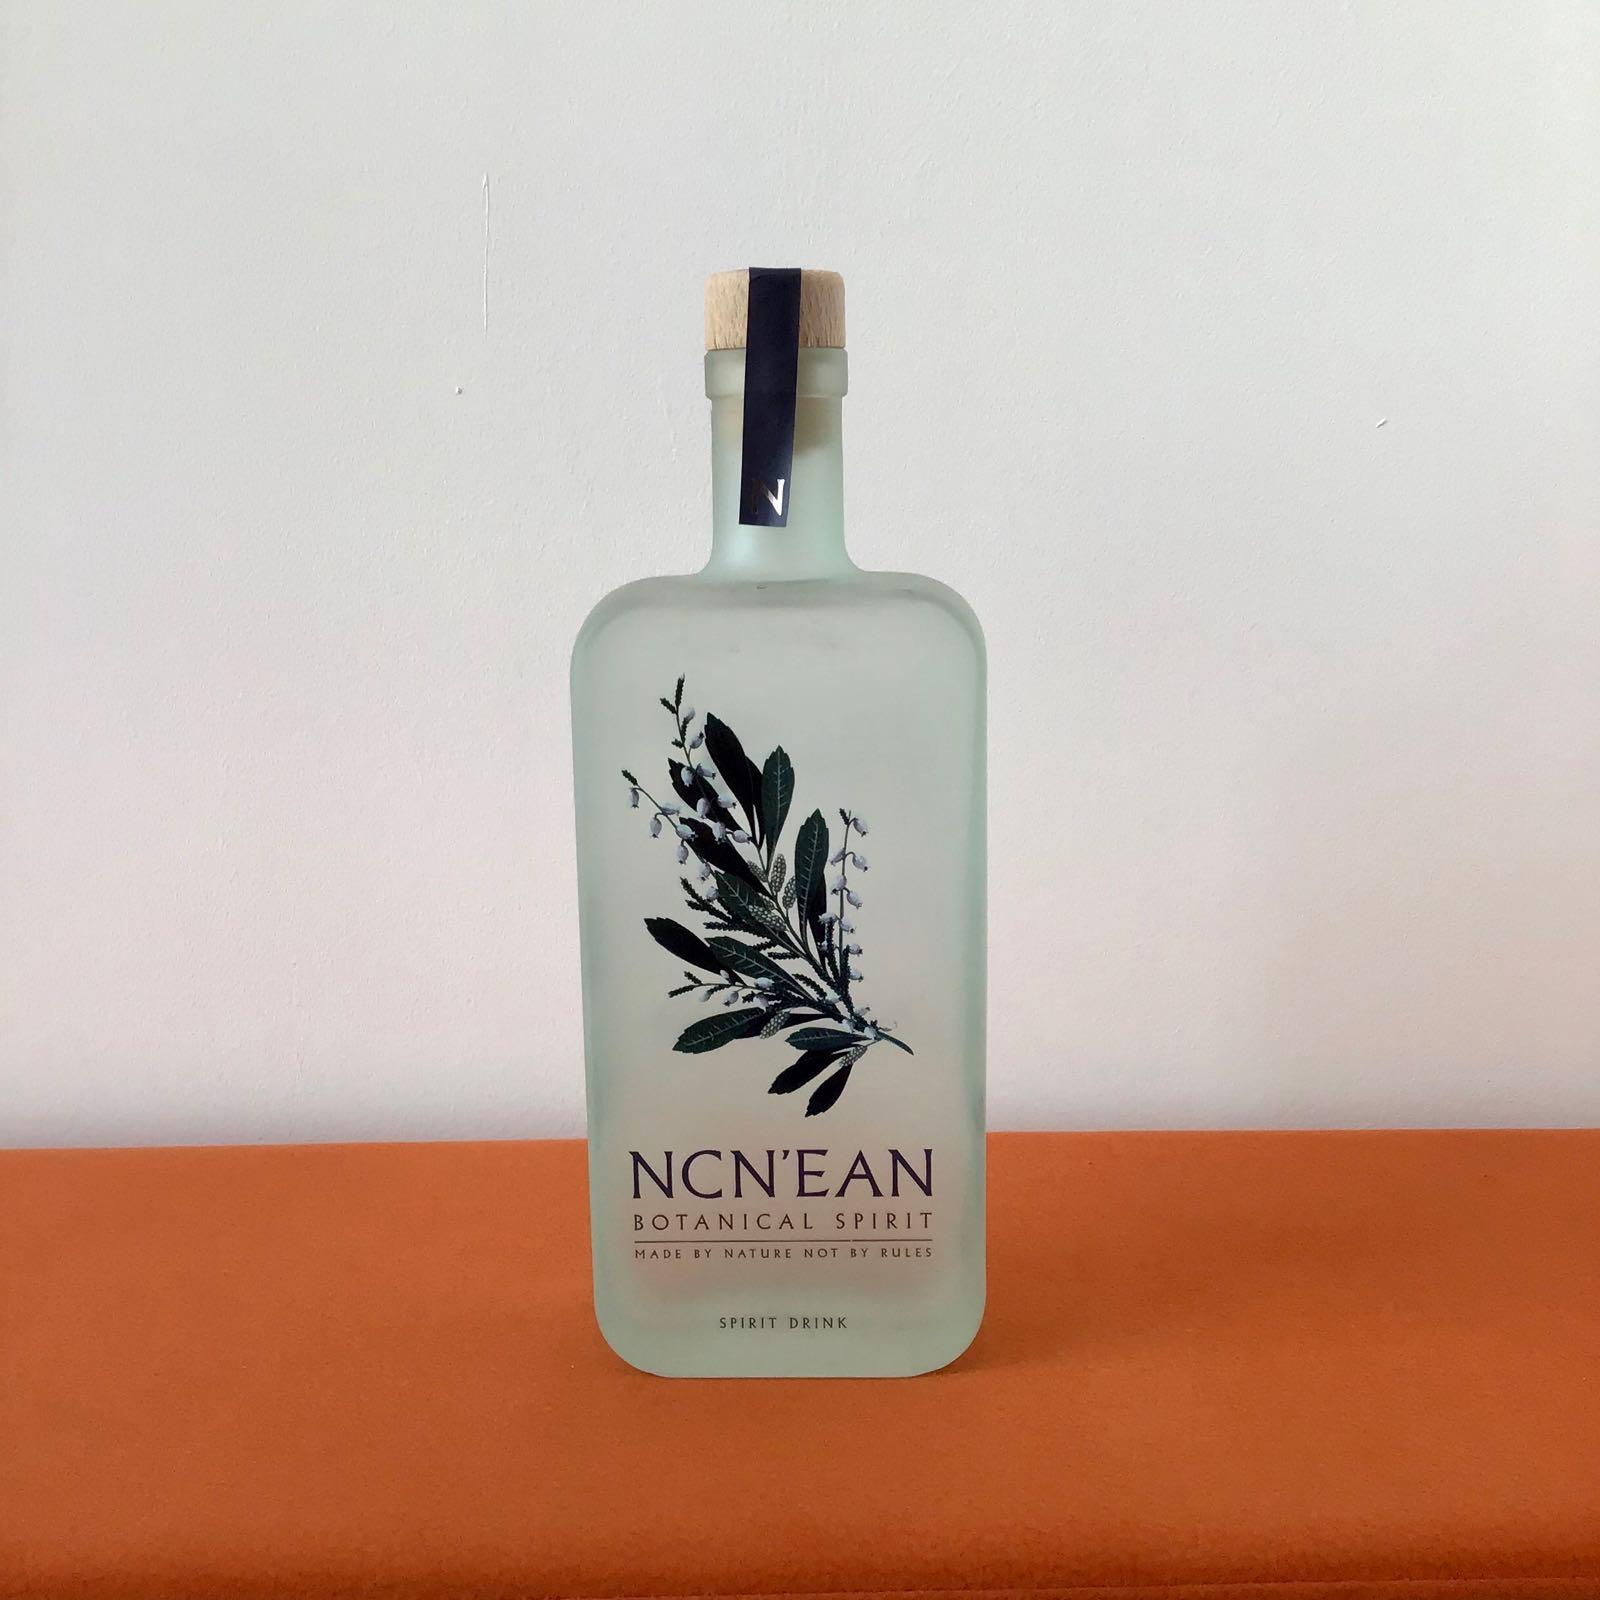 Nc'nean (Organic Botanical Spirit)